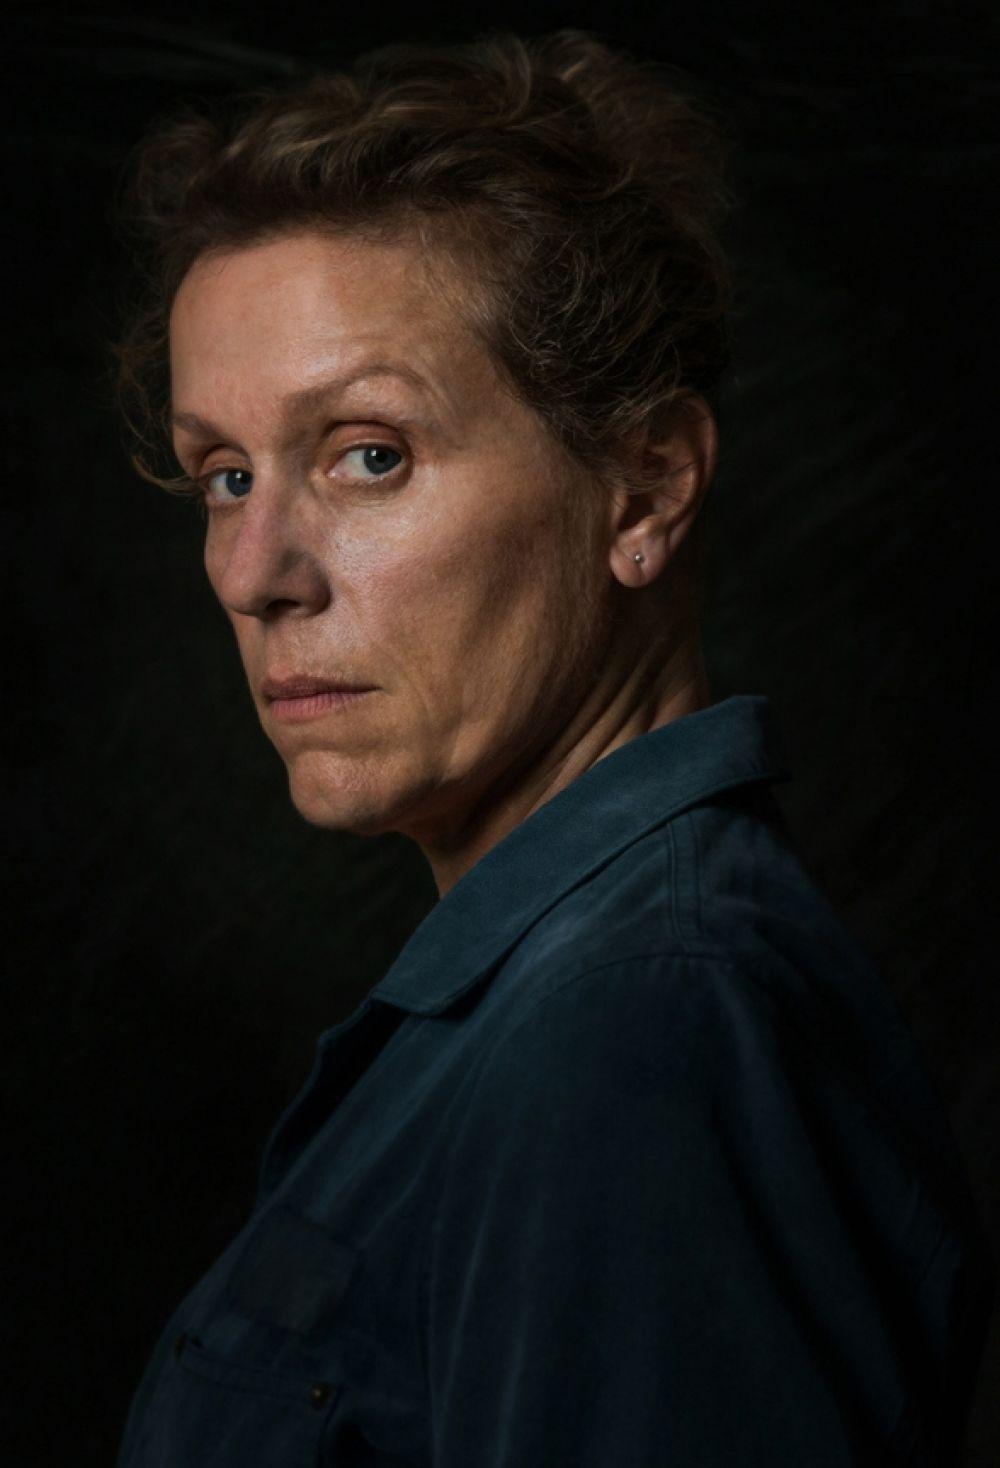 Актрисой, чьи шансы взять Оскар за главную женскую роль оценили выше всех, стала Фрэнсис МакДорманд («Три билборда на границе Эббинга, Миссури»)